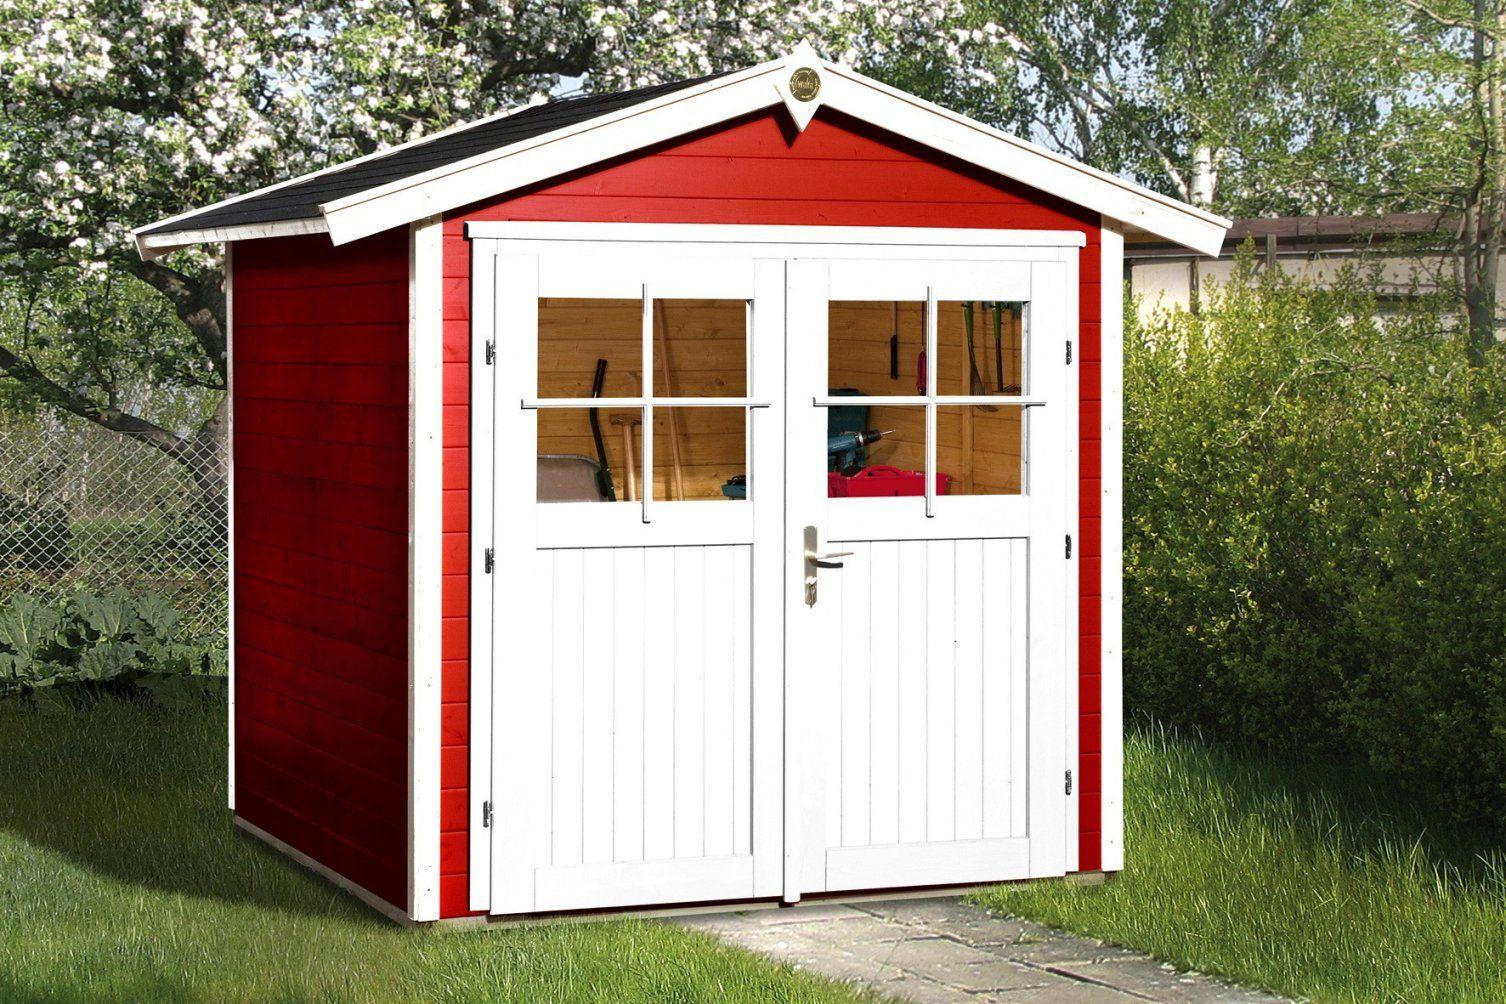 Wunderbar Holzhaus Selber Bauen Bauplan 35 Einzigartig Gartenhaus von Gartenhaus Selber Bauen Anleitung Kostenlos Bild